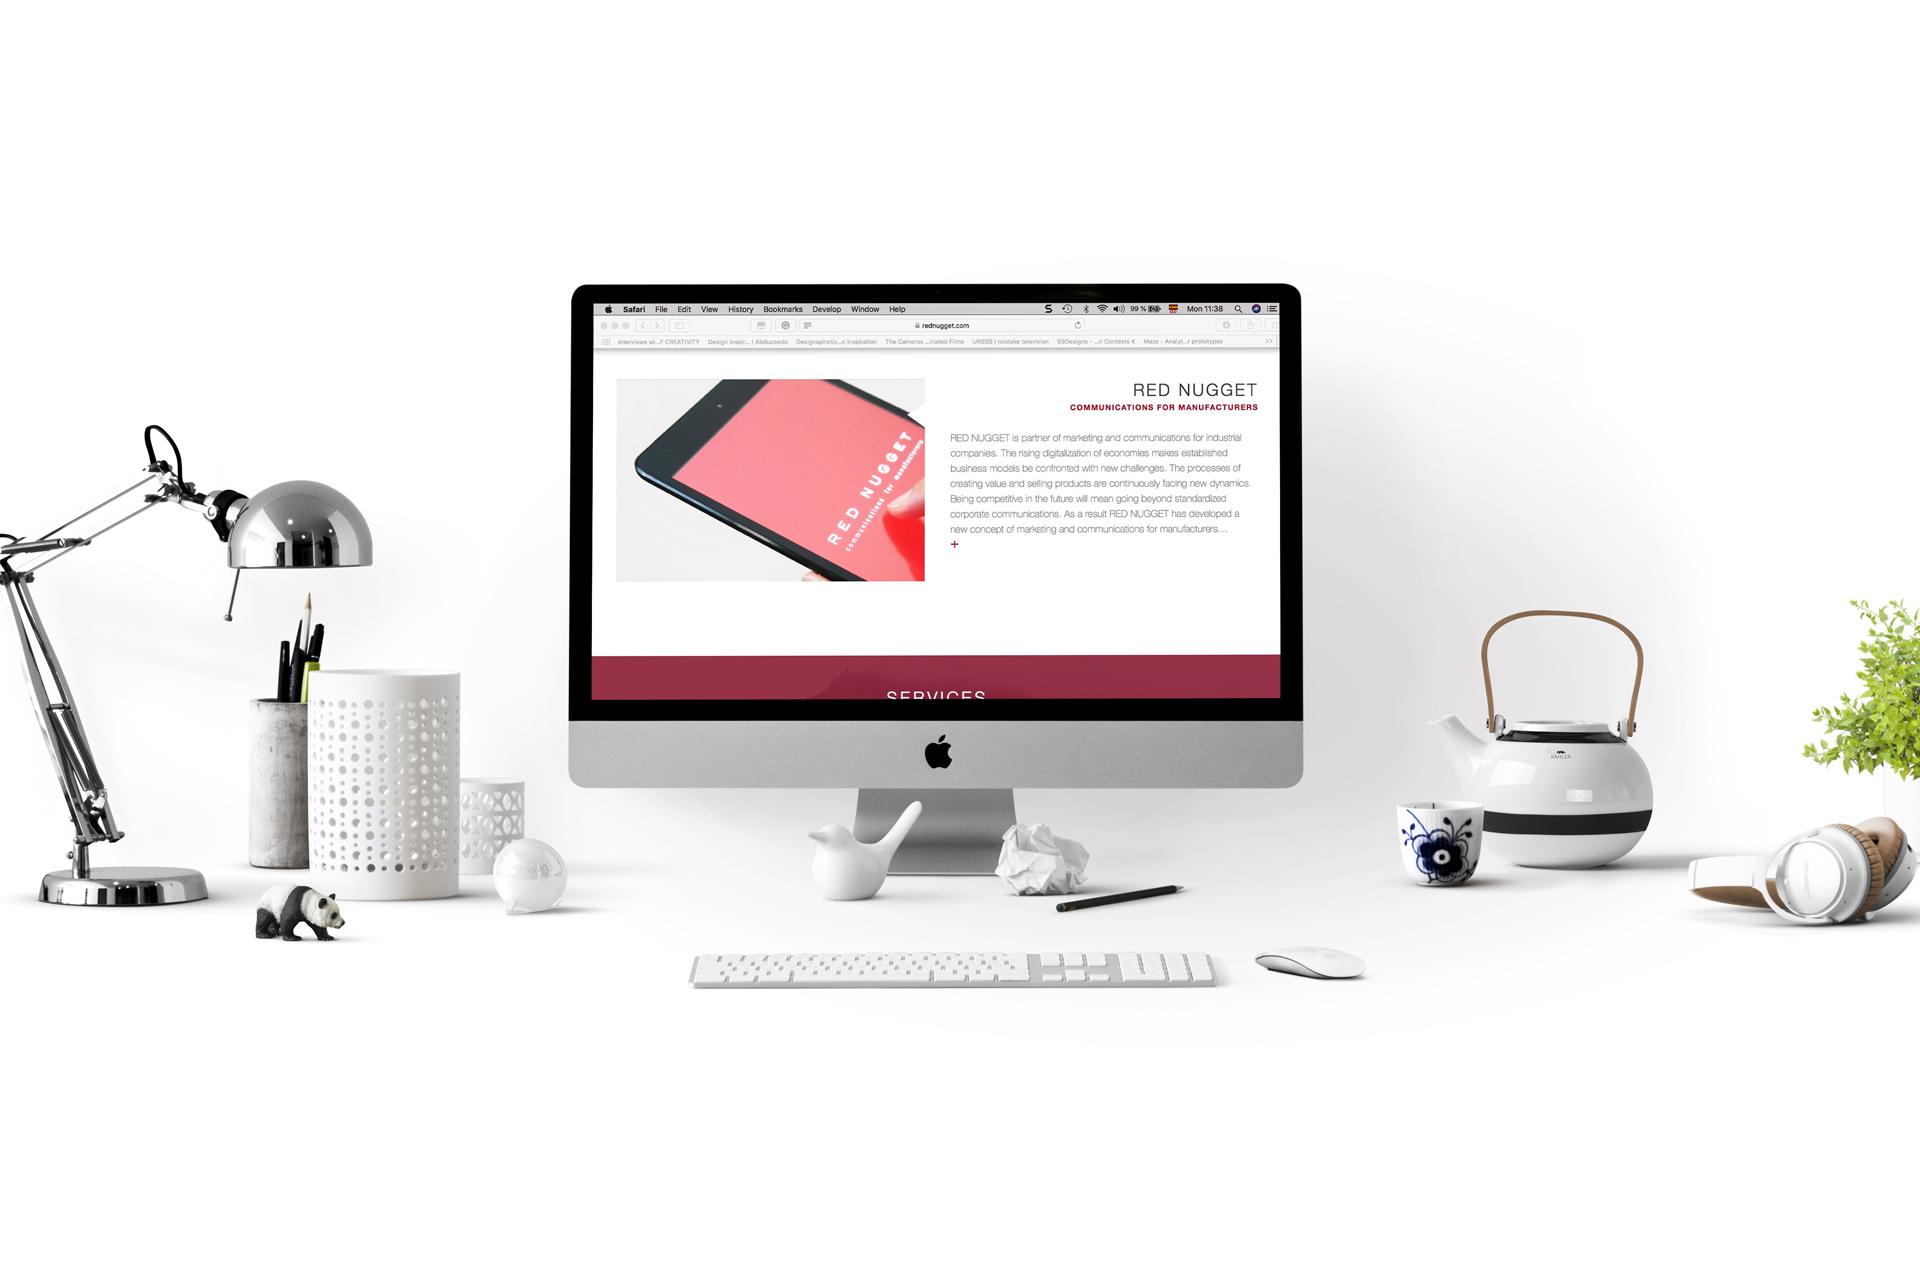 Red nugget Website Mockup